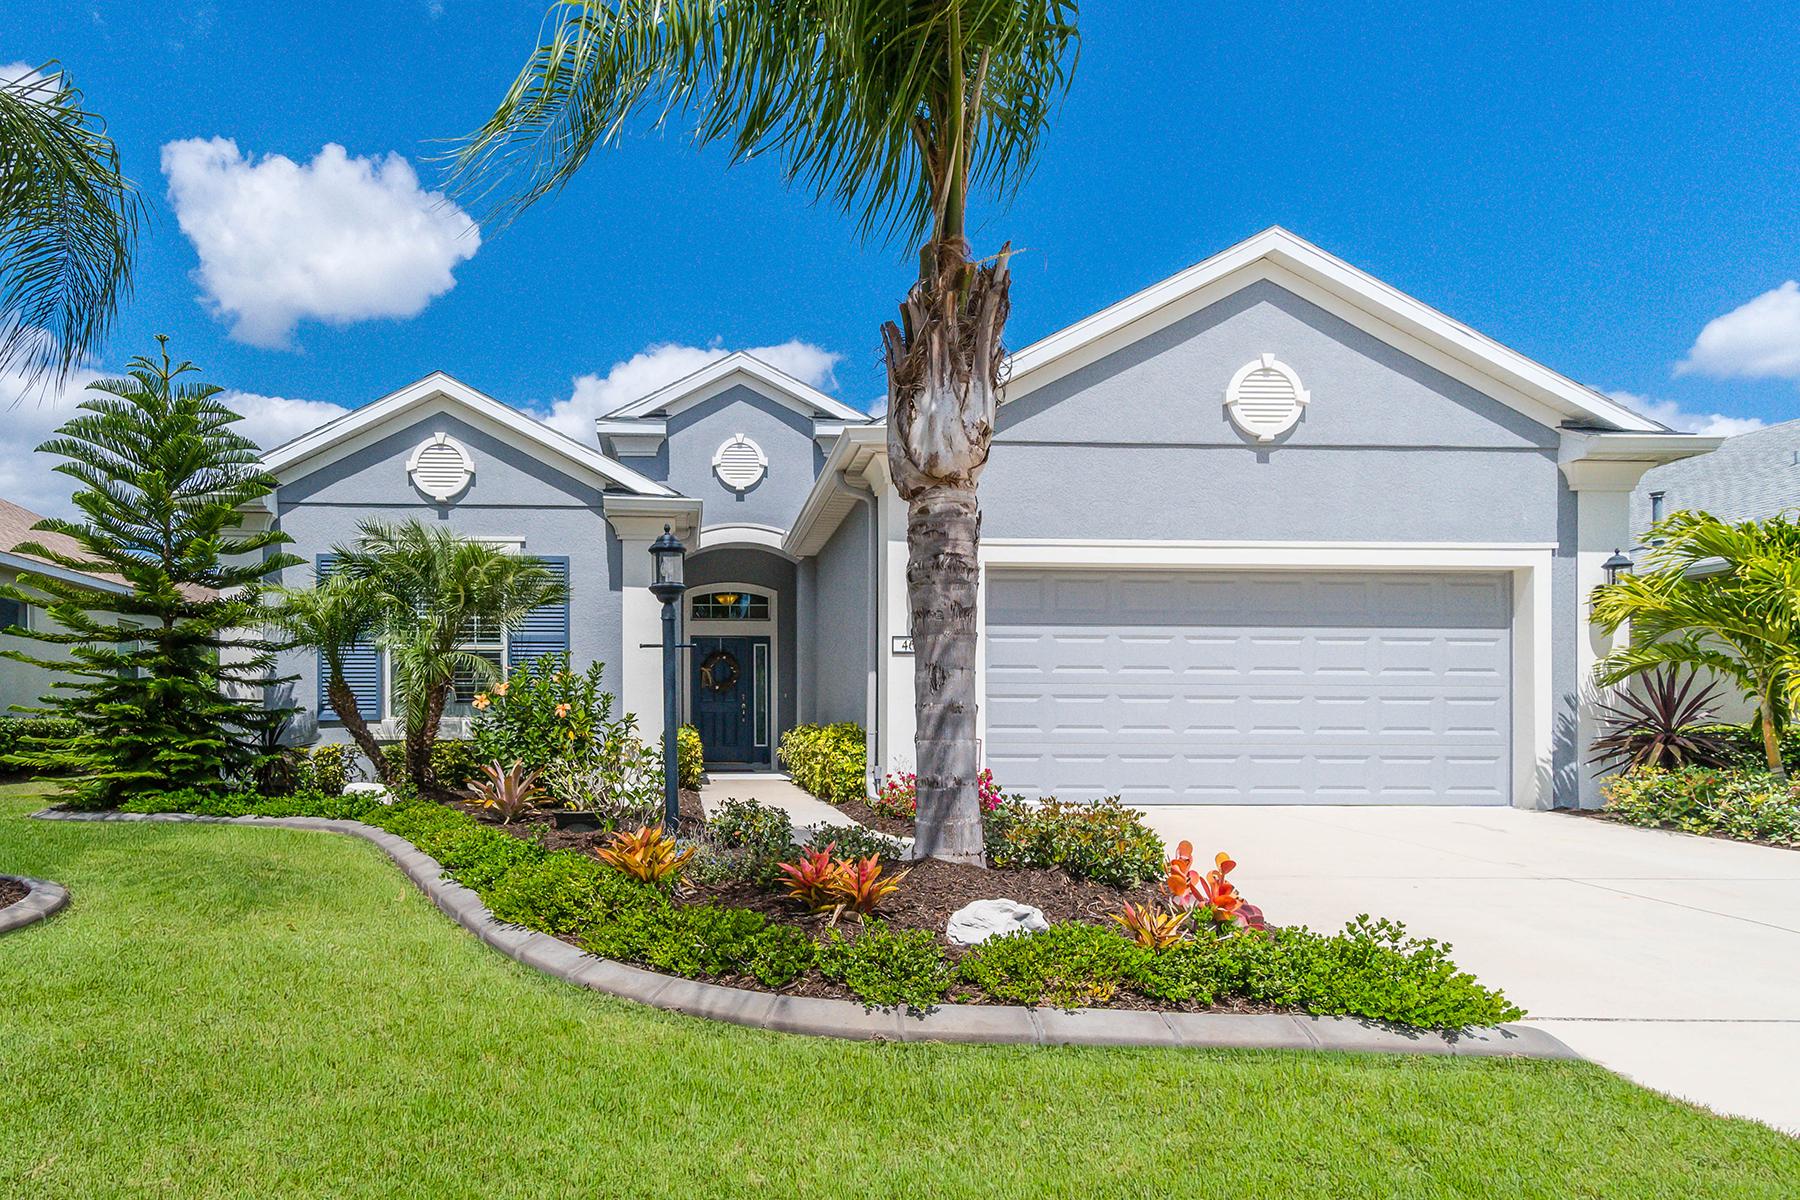 Casa para uma família para Venda às CENTRAL PARK 4676 Claremont Park Dr Lakewood Ranch, Florida, 34211 Estados Unidos